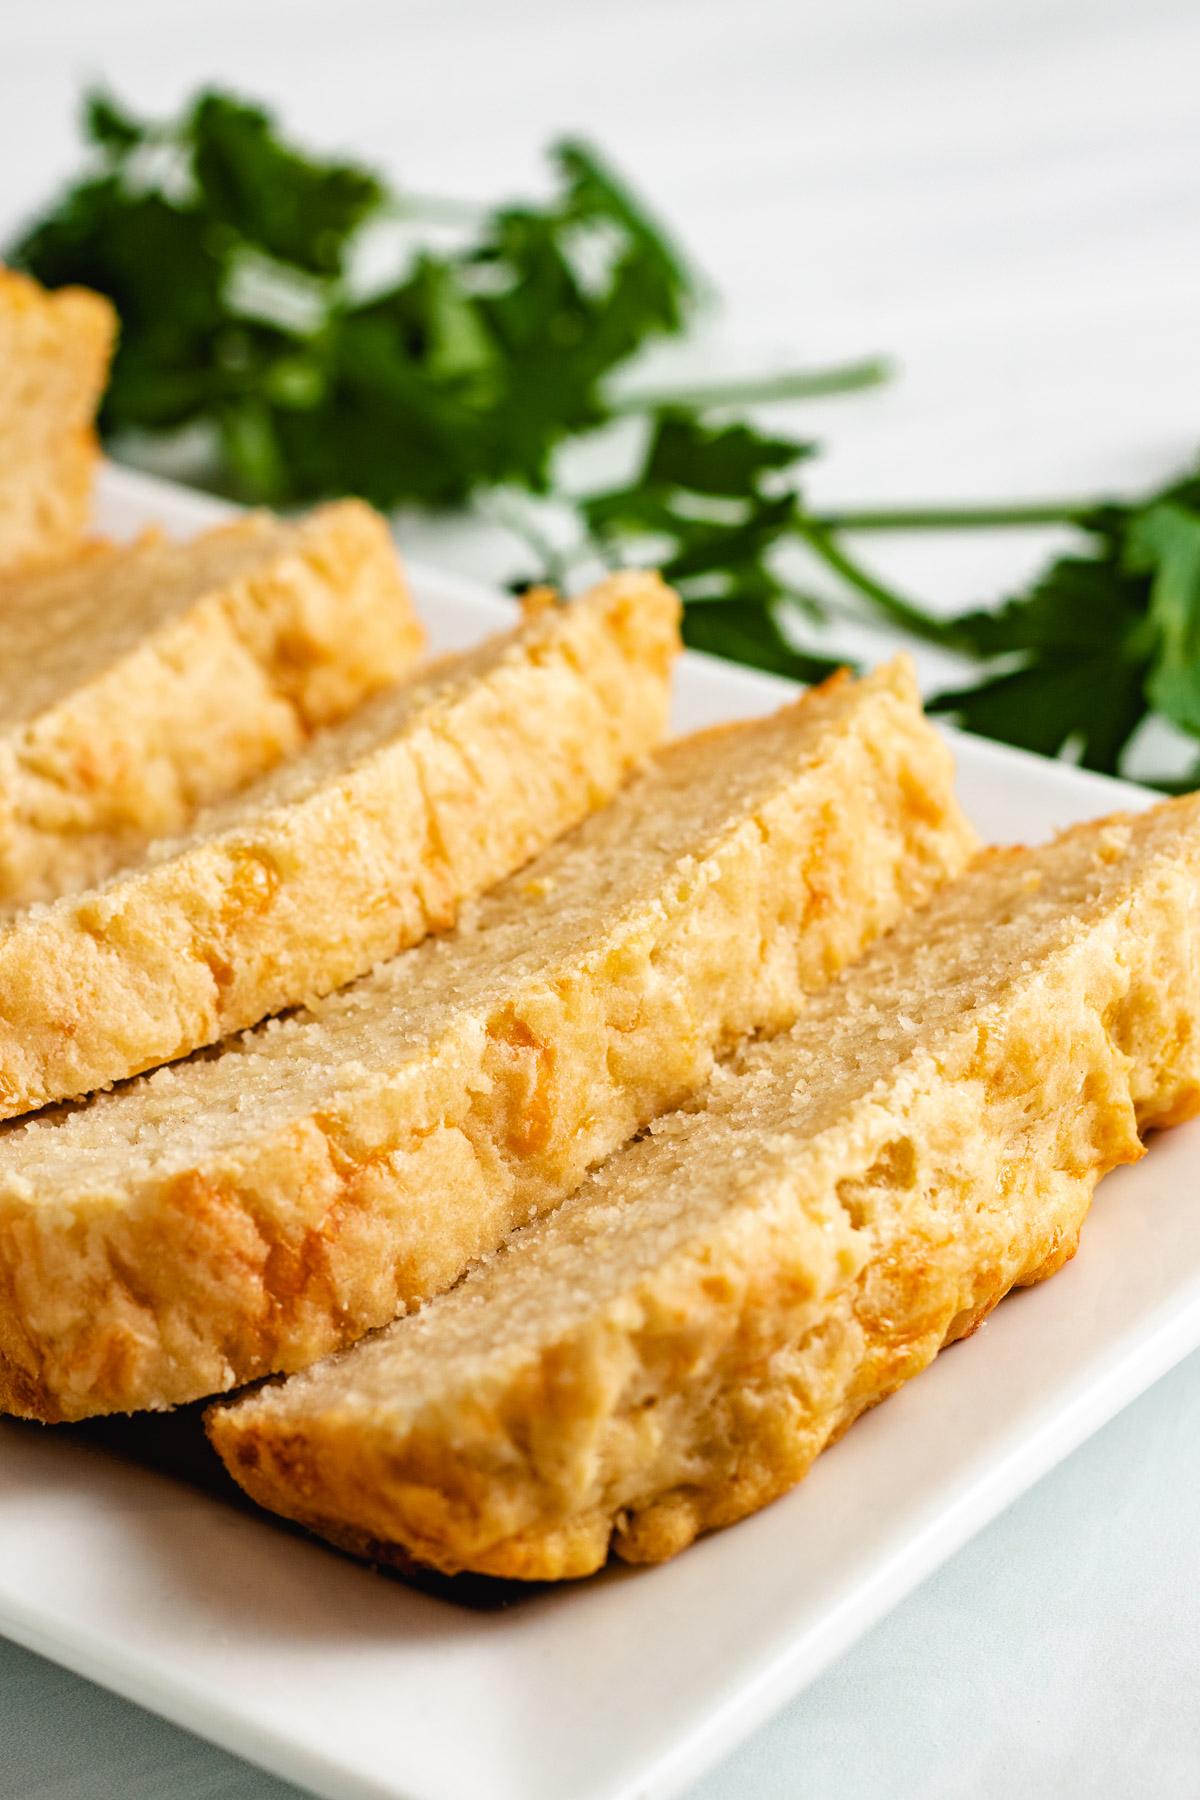 Sliced beer bread on a white platter.